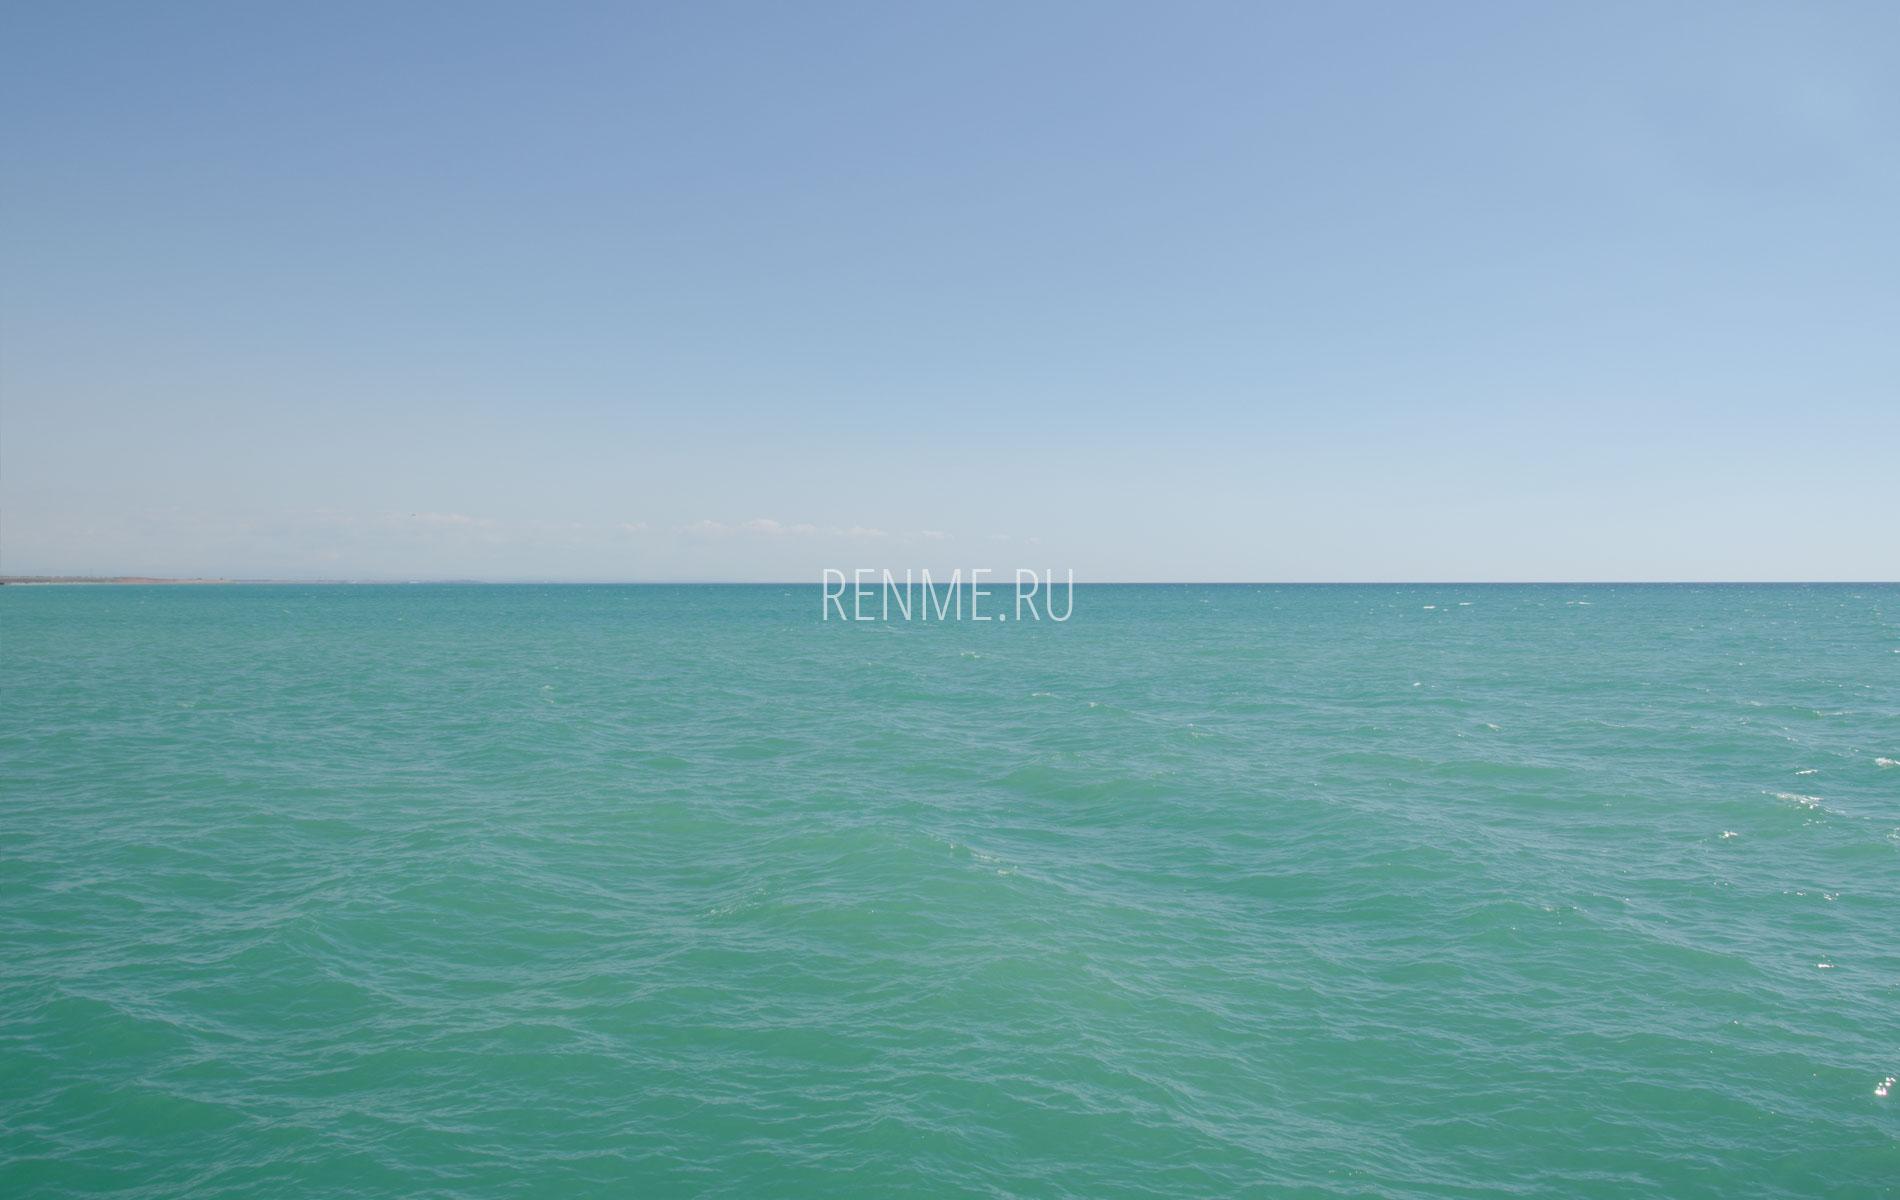 Черное море летом в Крыму. Фото Новофедоровки